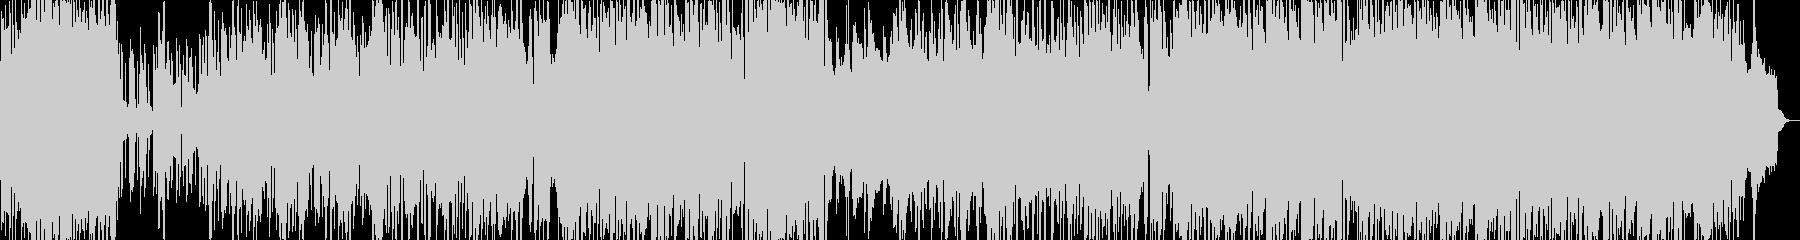 ポップでキャッチーな歌もの元気ピアノ繊細の未再生の波形